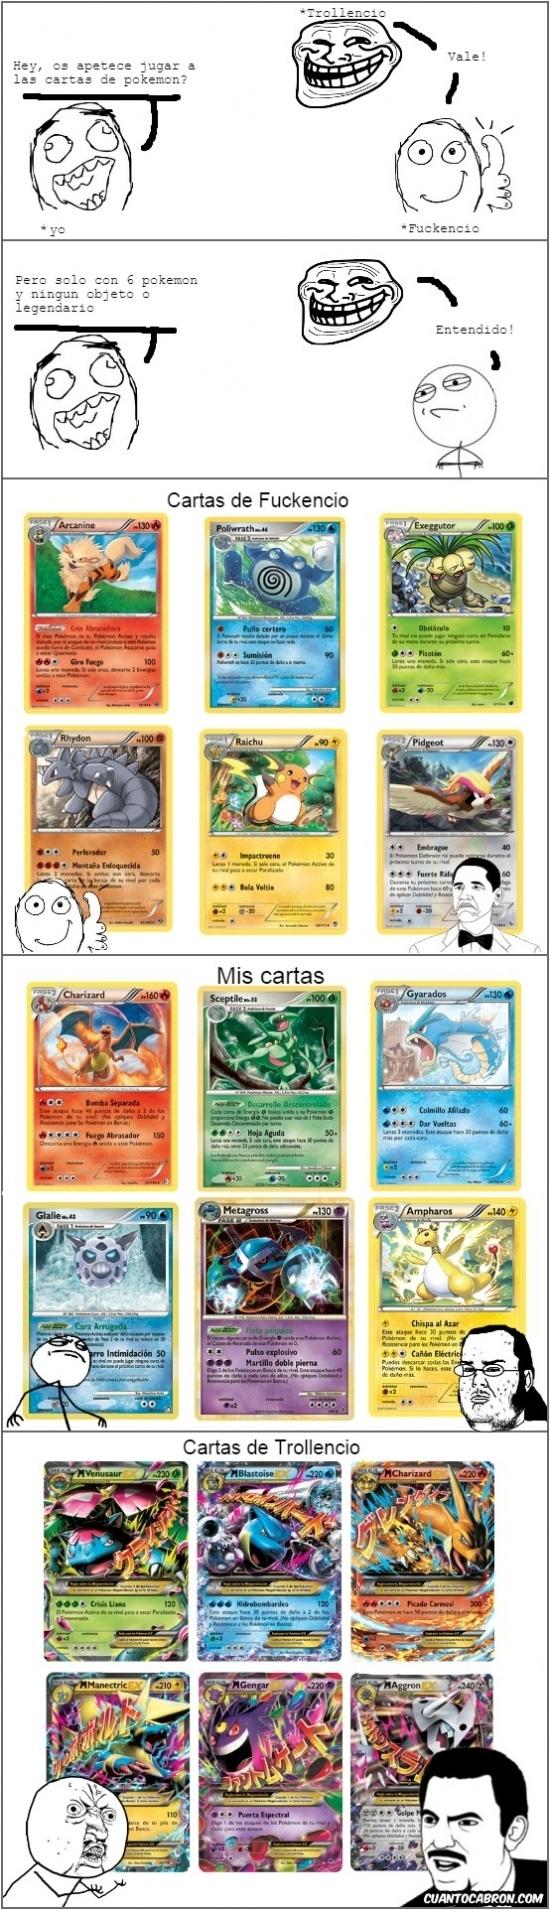 Y_u_no - Con las nuevas cartas Pokémon ya no se puede ganar